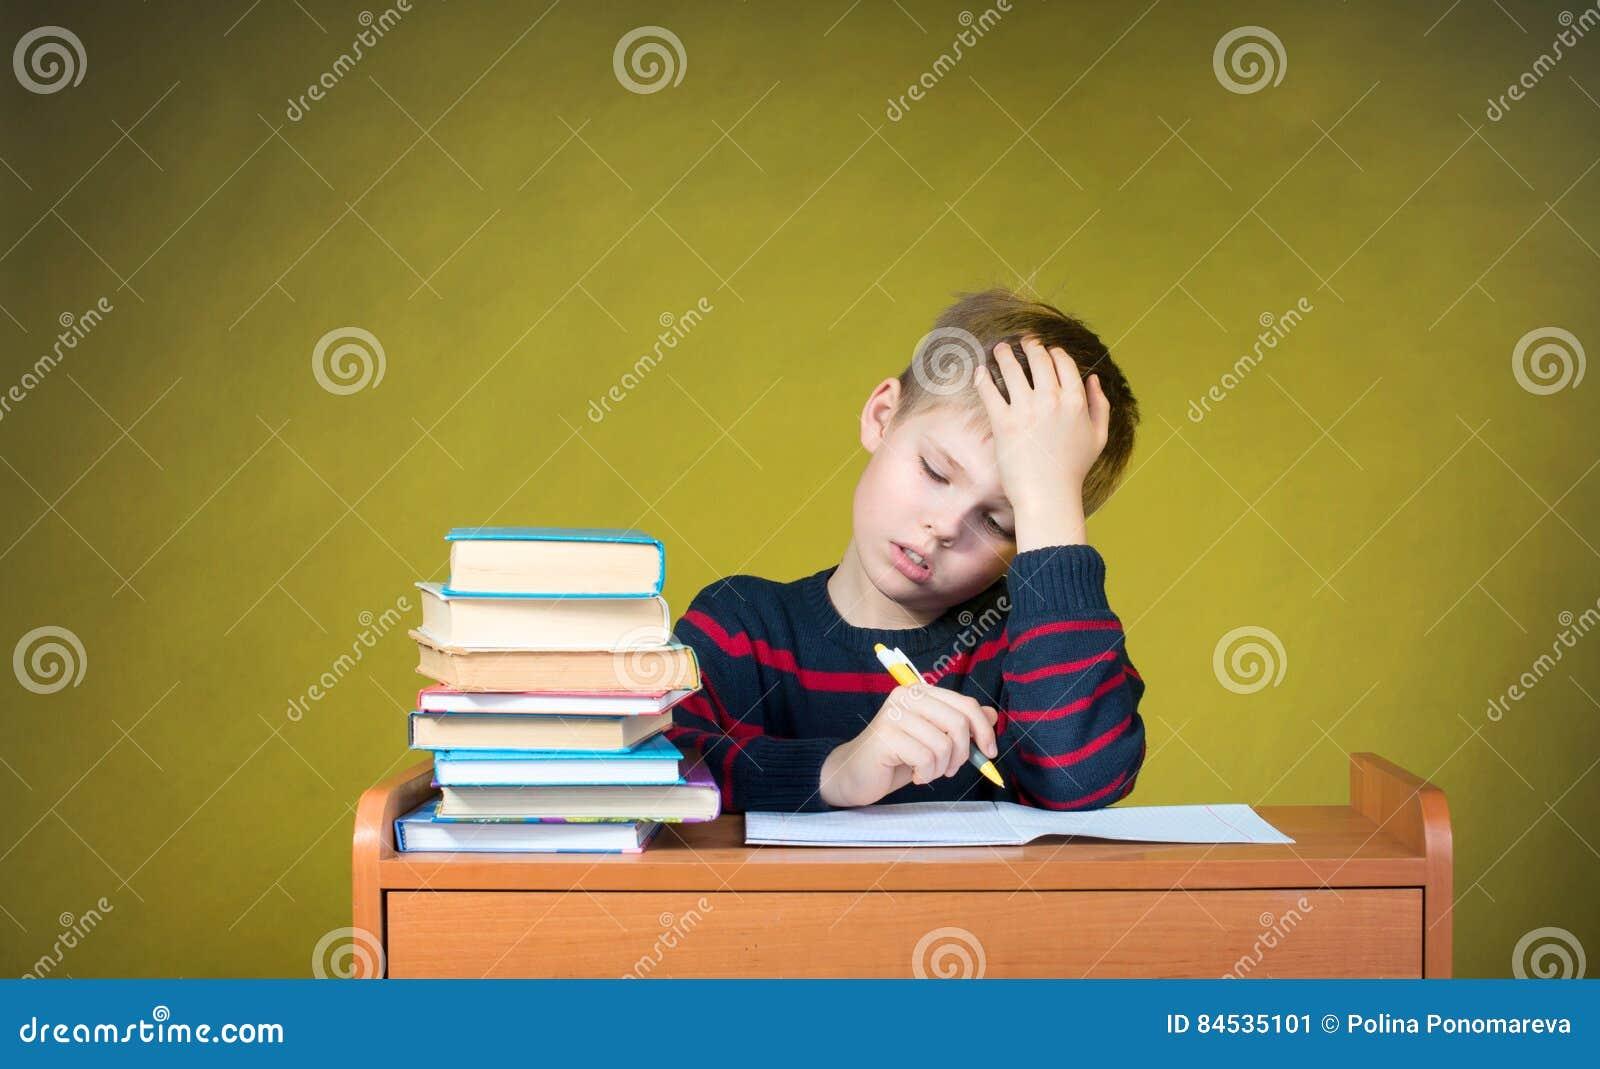 Studi della scuola di formazione alla perforazione lavoro Scrittura stanca del ragazzino Educa